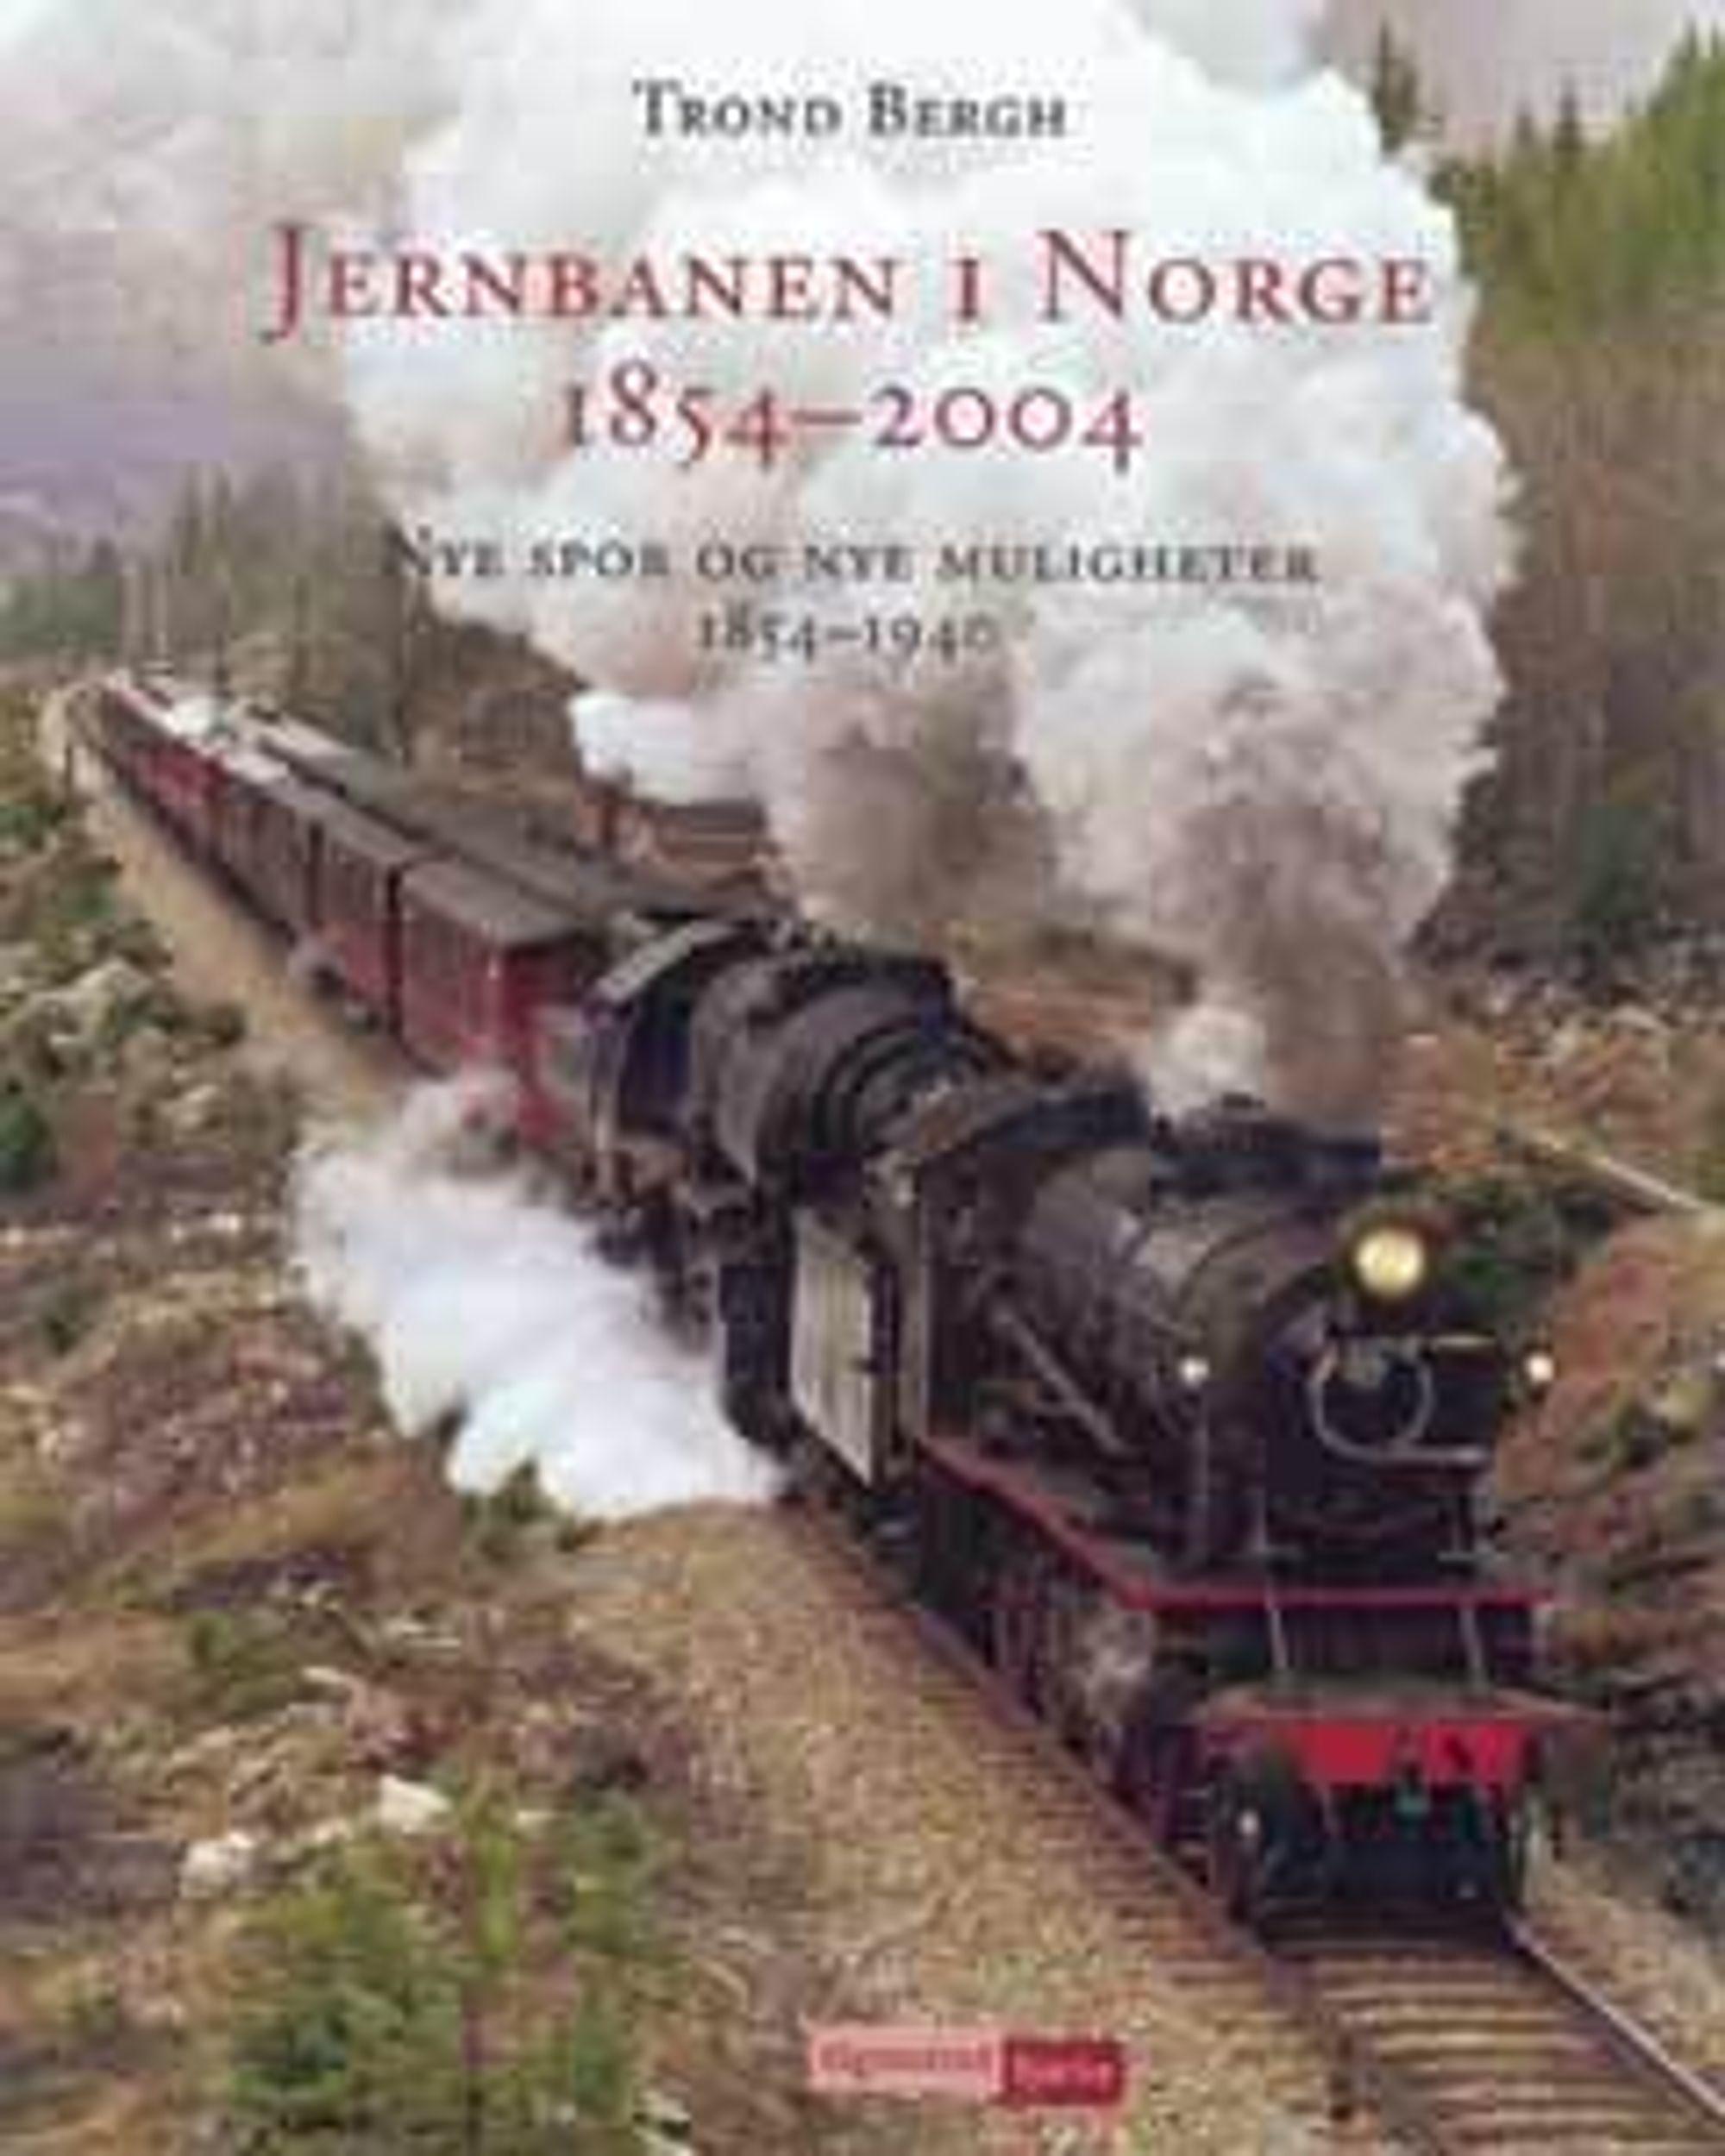 Bokverket i to bind: Nye spor og nye muligheter og Nye tider og gamle spor er utgitt av Vigmostad & Bjørke AS i Bergen. ISBN 82-419-0331-6 SB